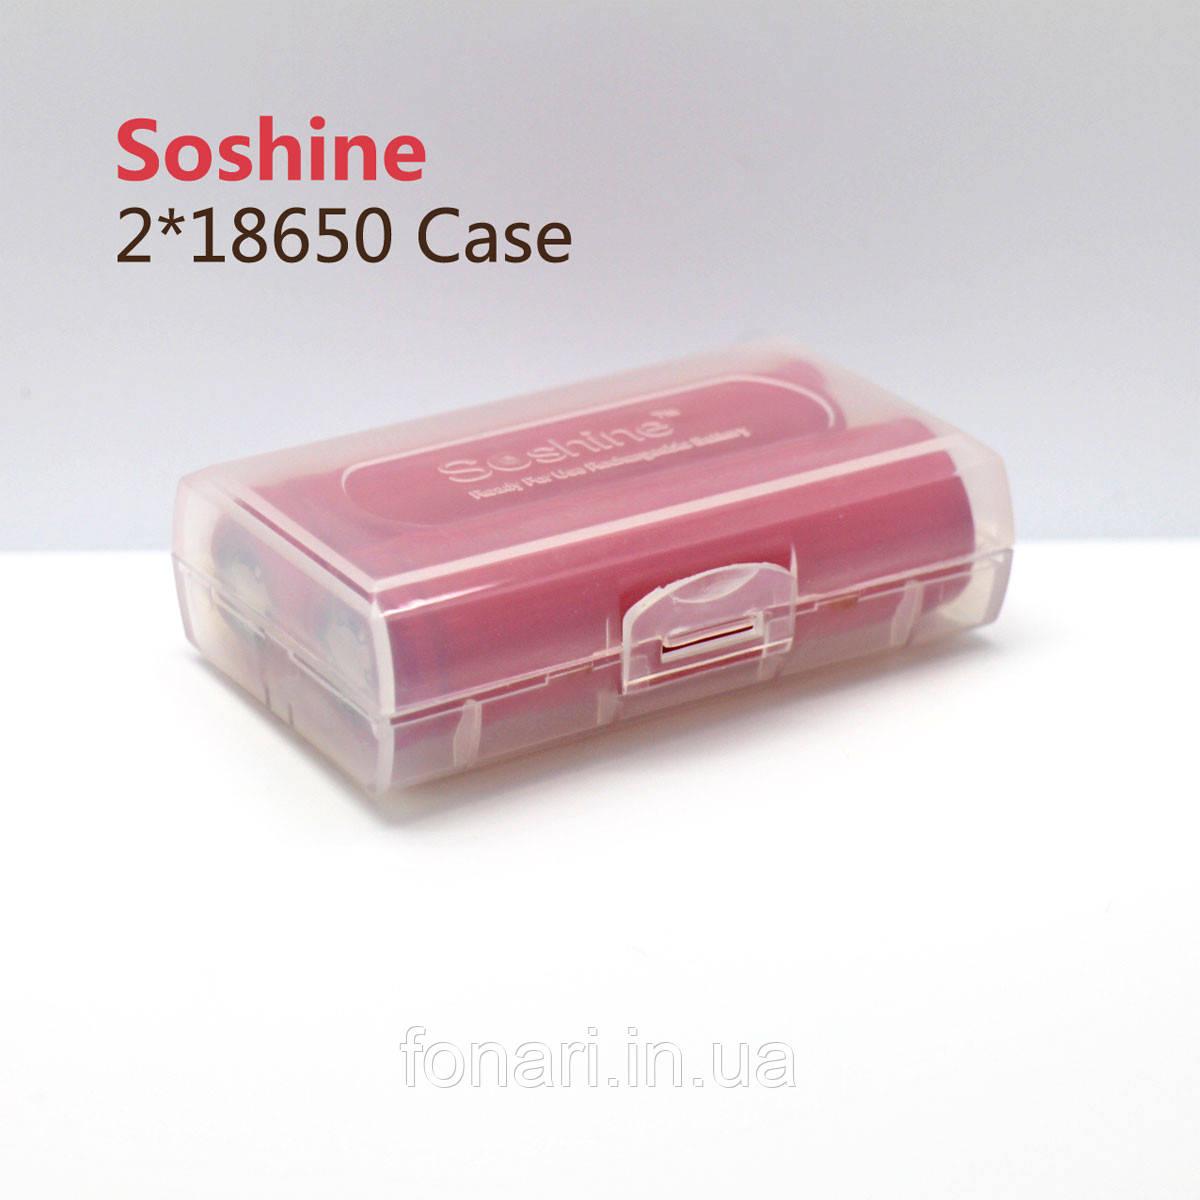 Контейнер Soshine для аккумуляторов 2x18650 (4x16340/CR123)